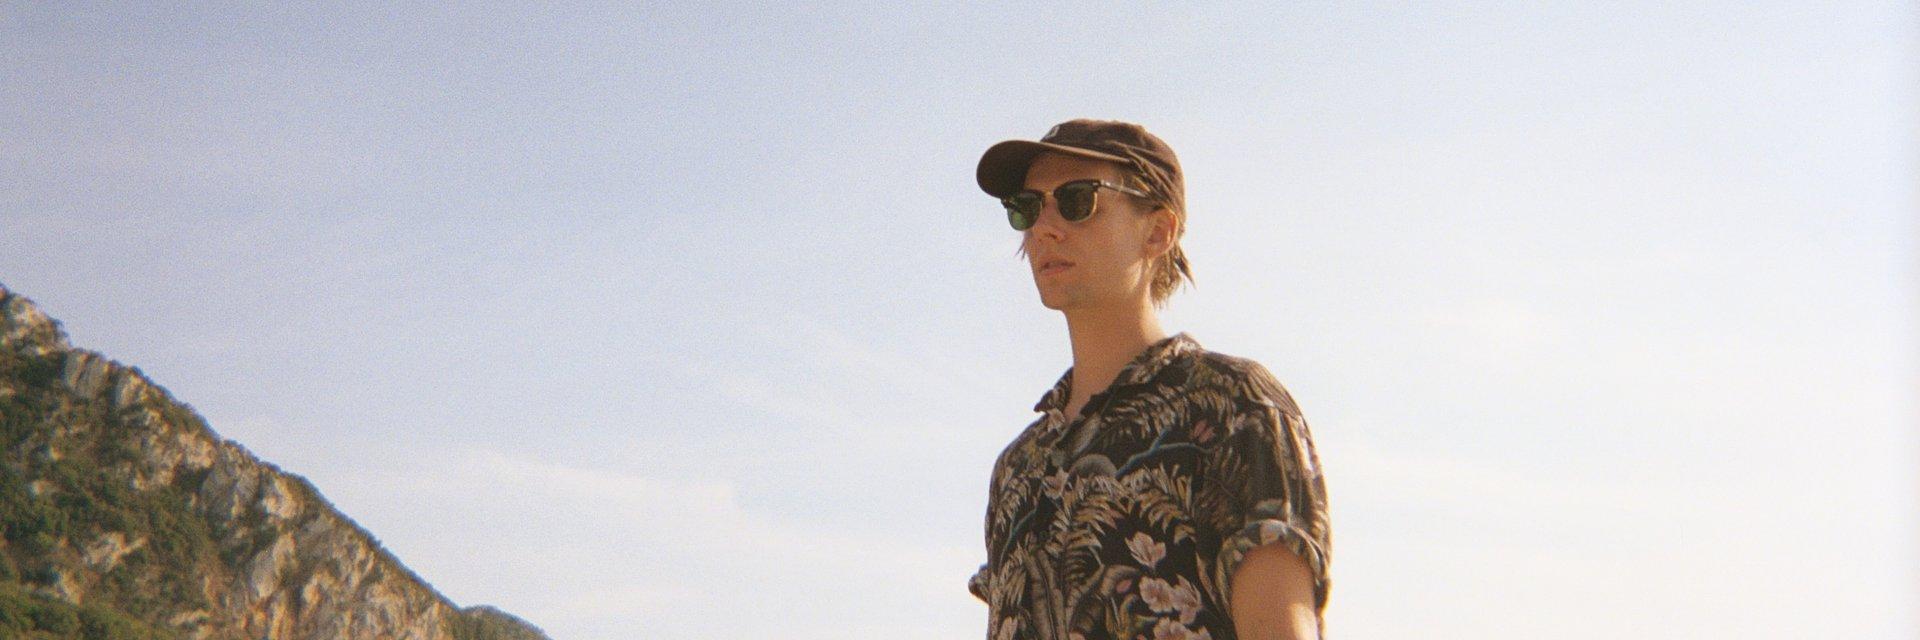 Posłuchaj oysterboy, solowego projektu wokalisty Terrific Sunday!